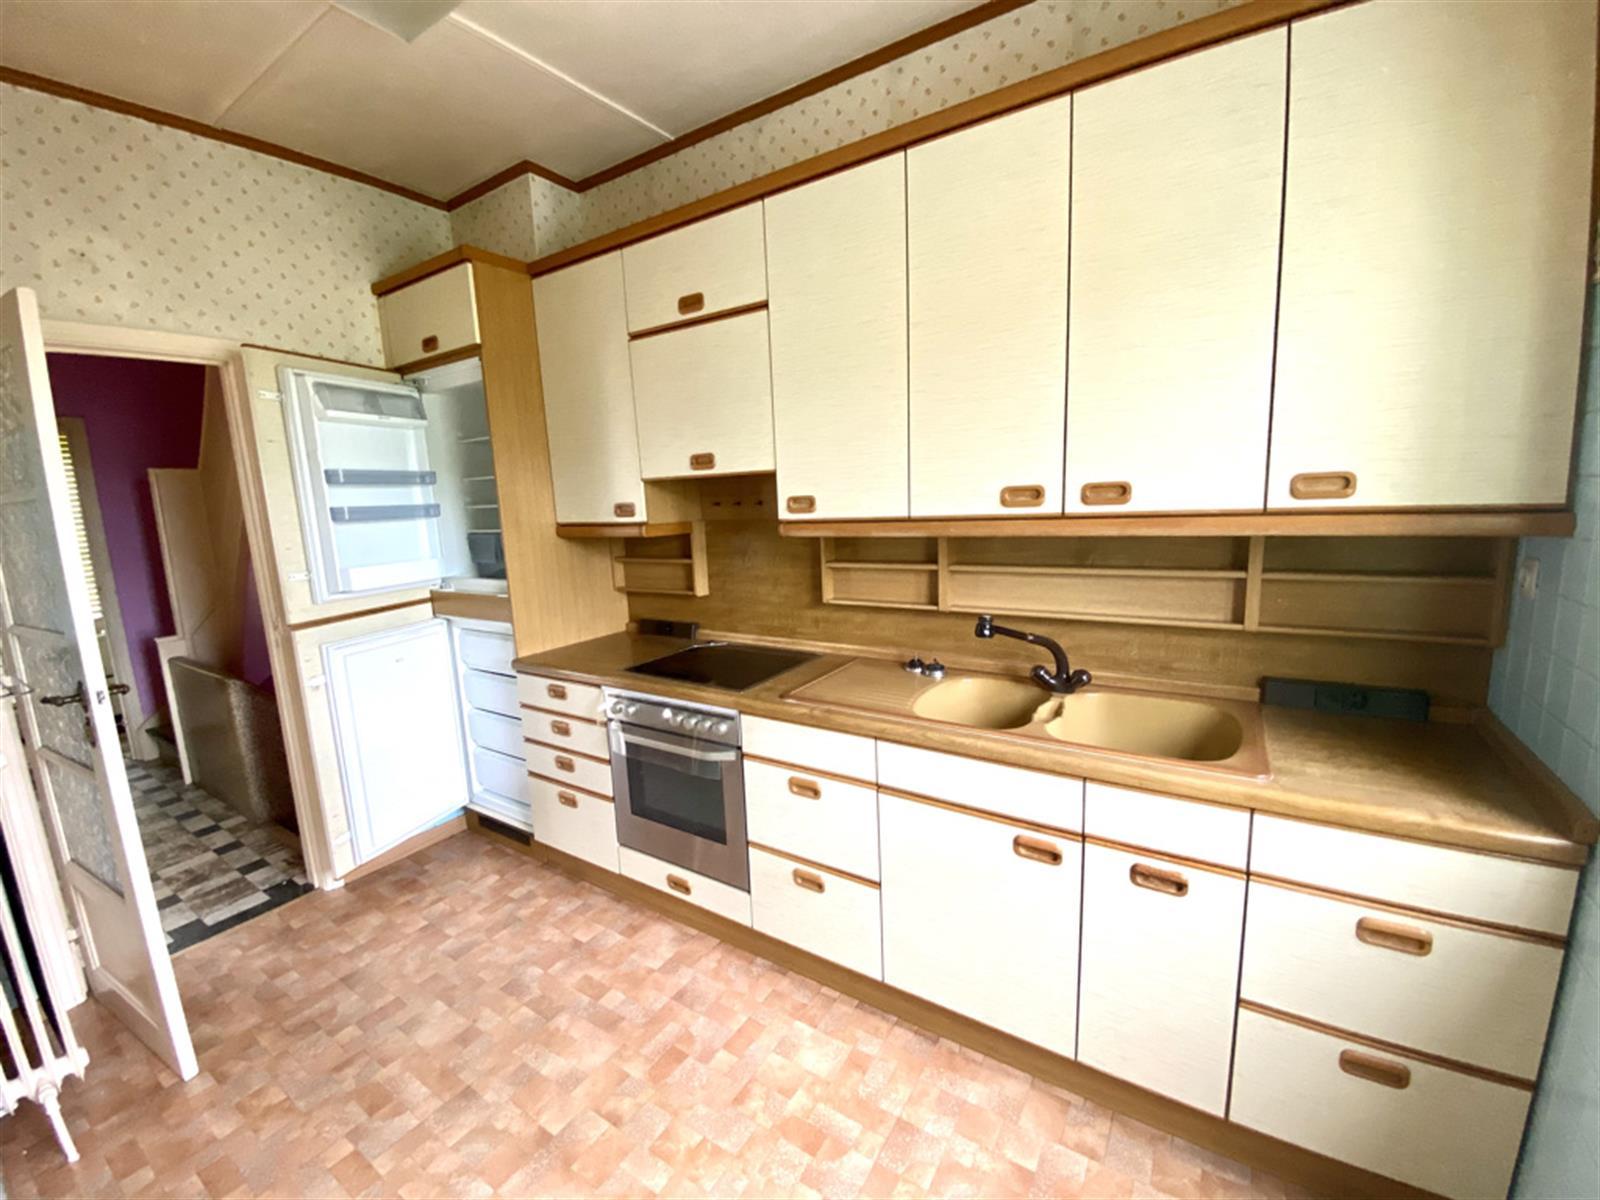 House - Saint-nicolas - #4396645-7